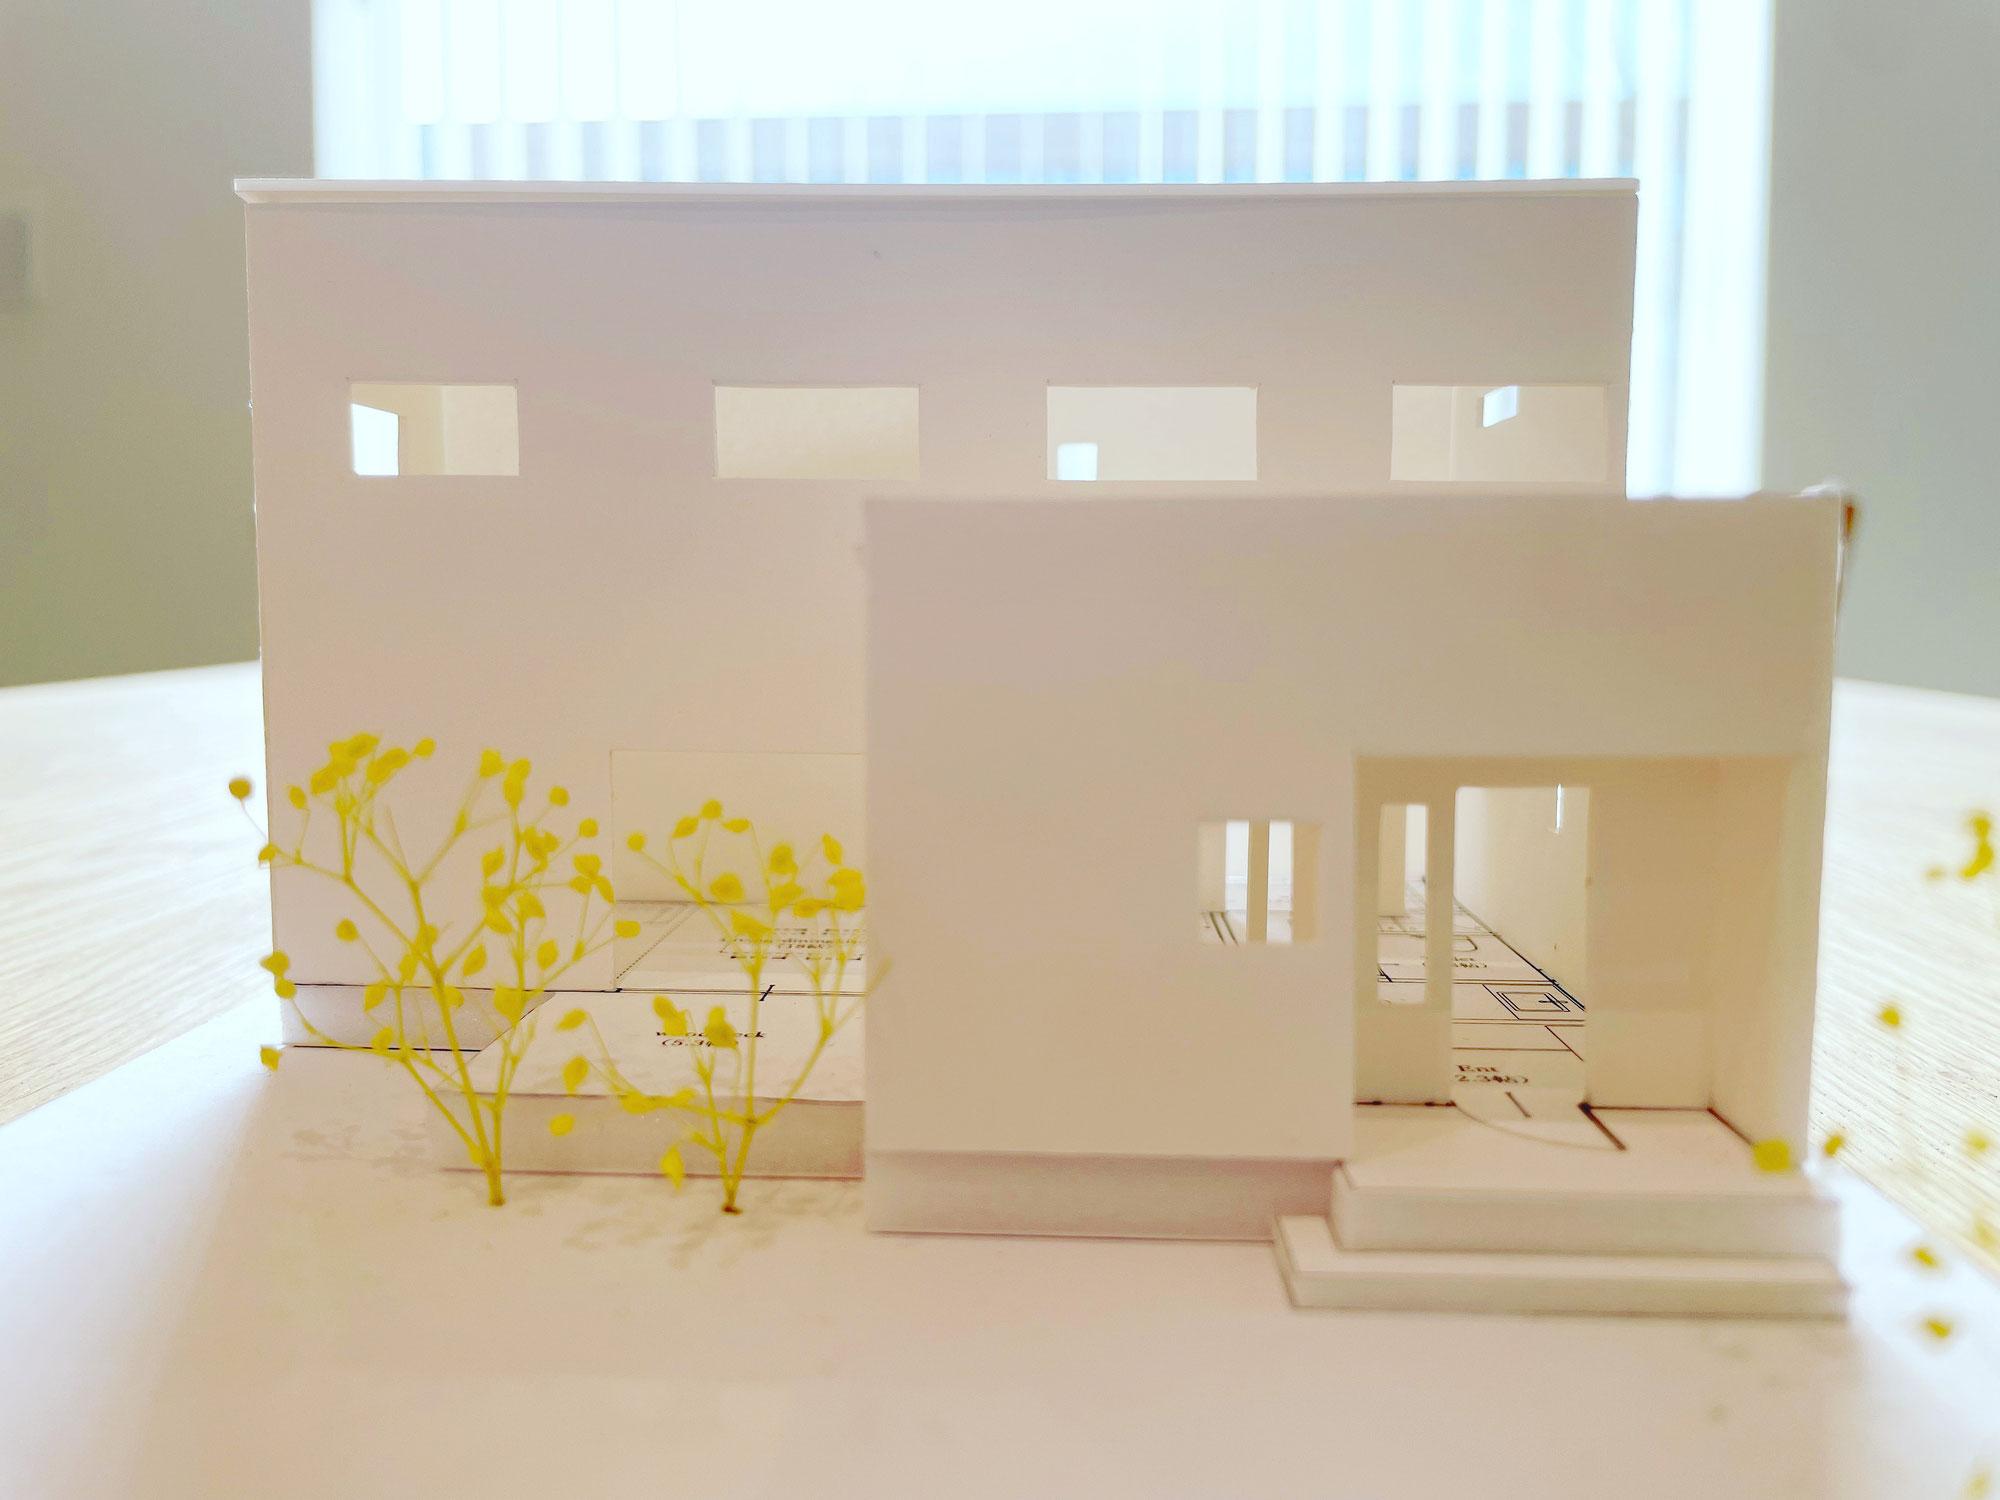 【House N】の建築契約